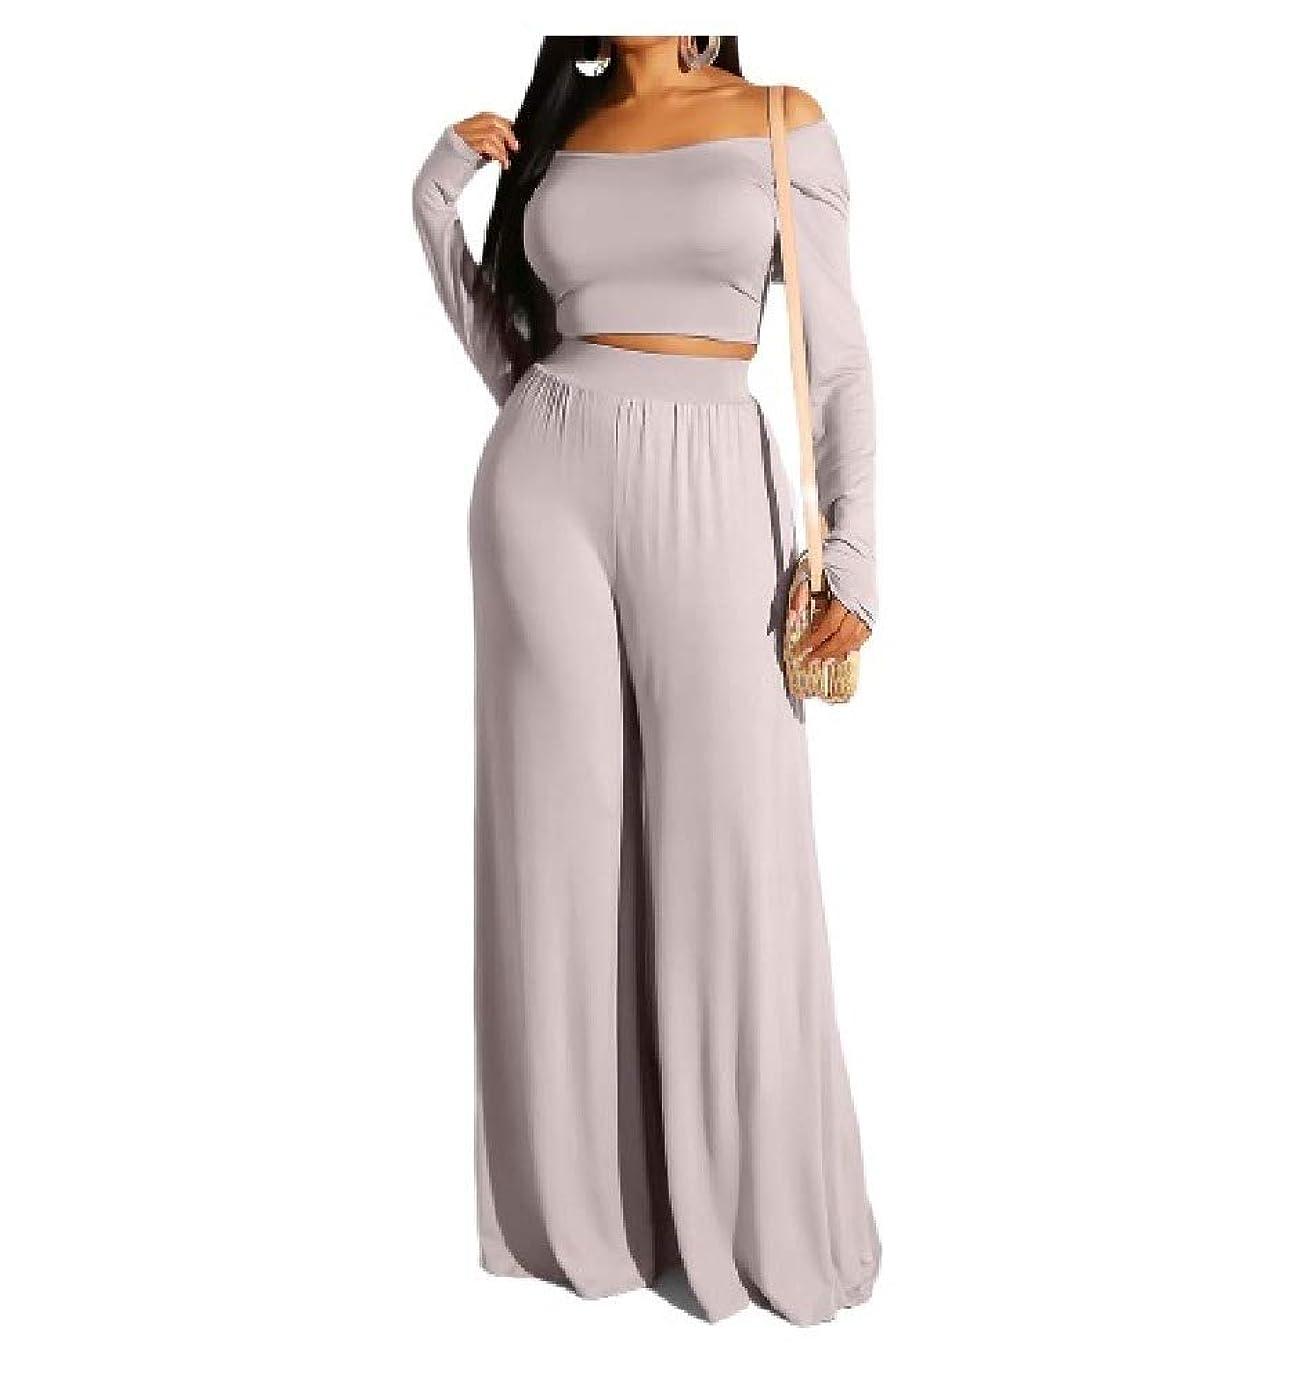 の間に商業の規範Tootess Womens Long-Sleeve Fashion Crop Top and Wide Leg Pants 2 Piece Set